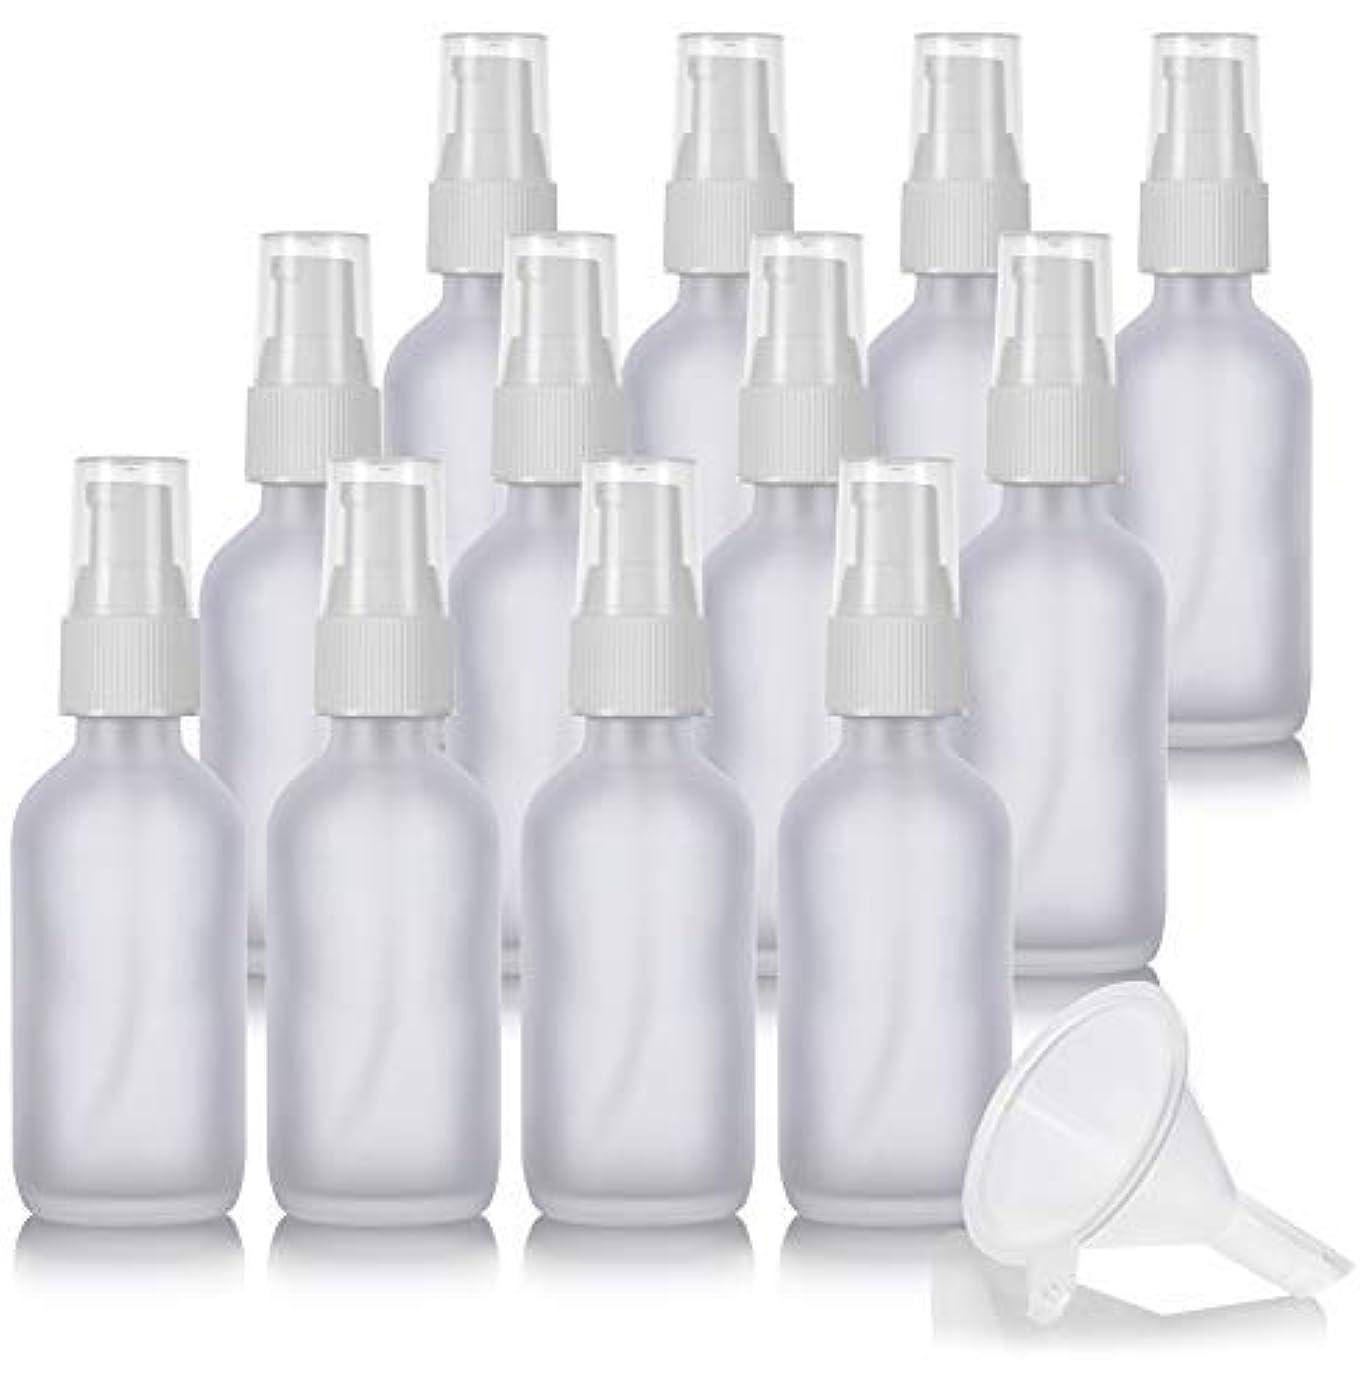 子猫一目騒ぎ2 oz Frosted Clear Glass Boston Round White Treatment Pump Bottle (12 Pack) + Funnel and Labels for Cosmetics,...